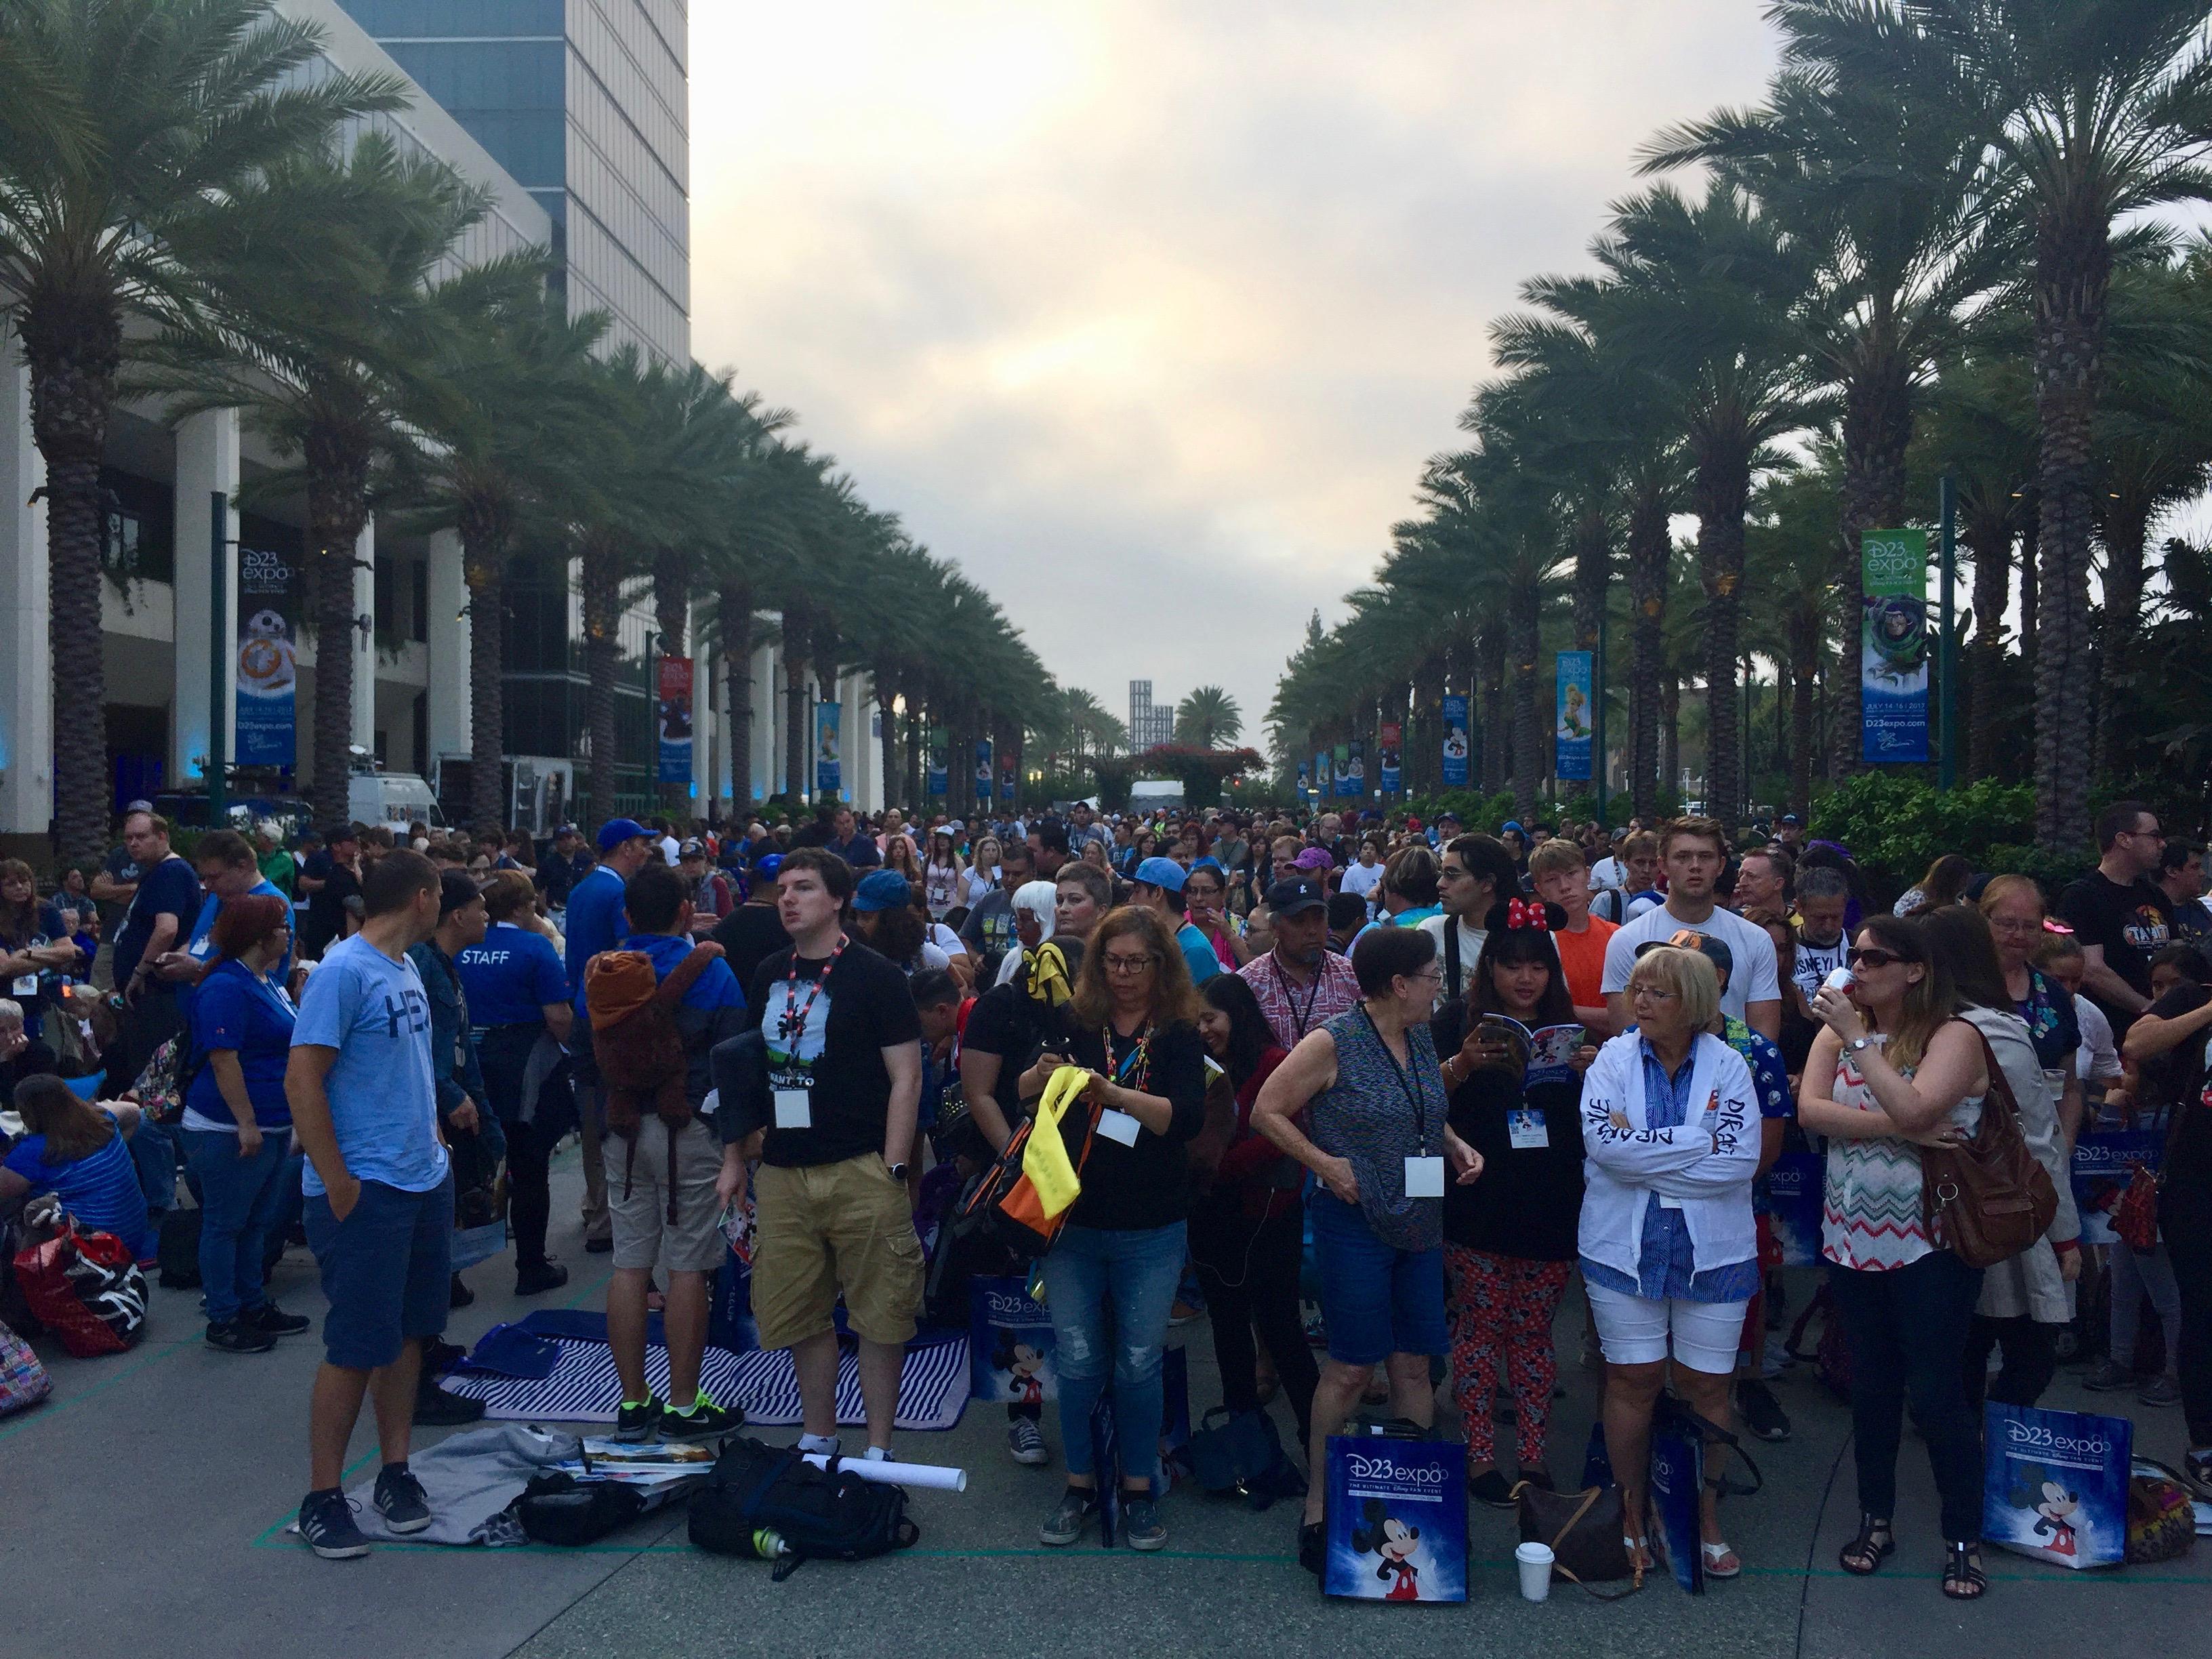 La file de fans Disney devant le Convention Center d'Anaheim pour le D23Expo